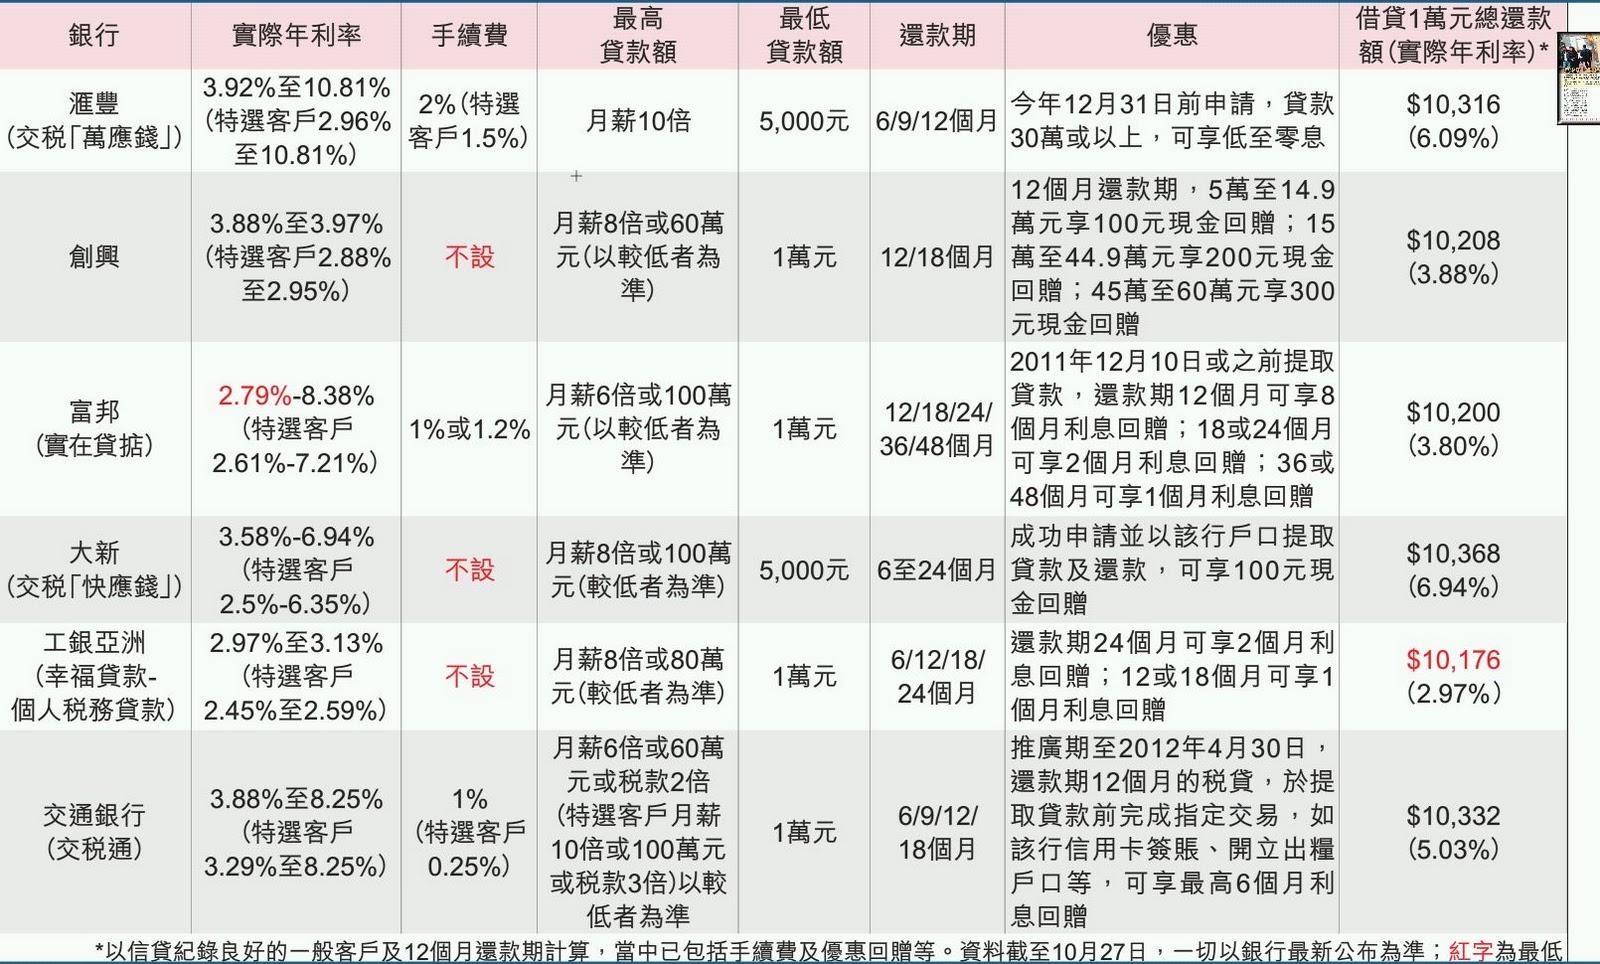 Poor Guy HK Blog: 拆解 8家銀行條款 格到最抵 中銀稅貸年息低至 2.9厘